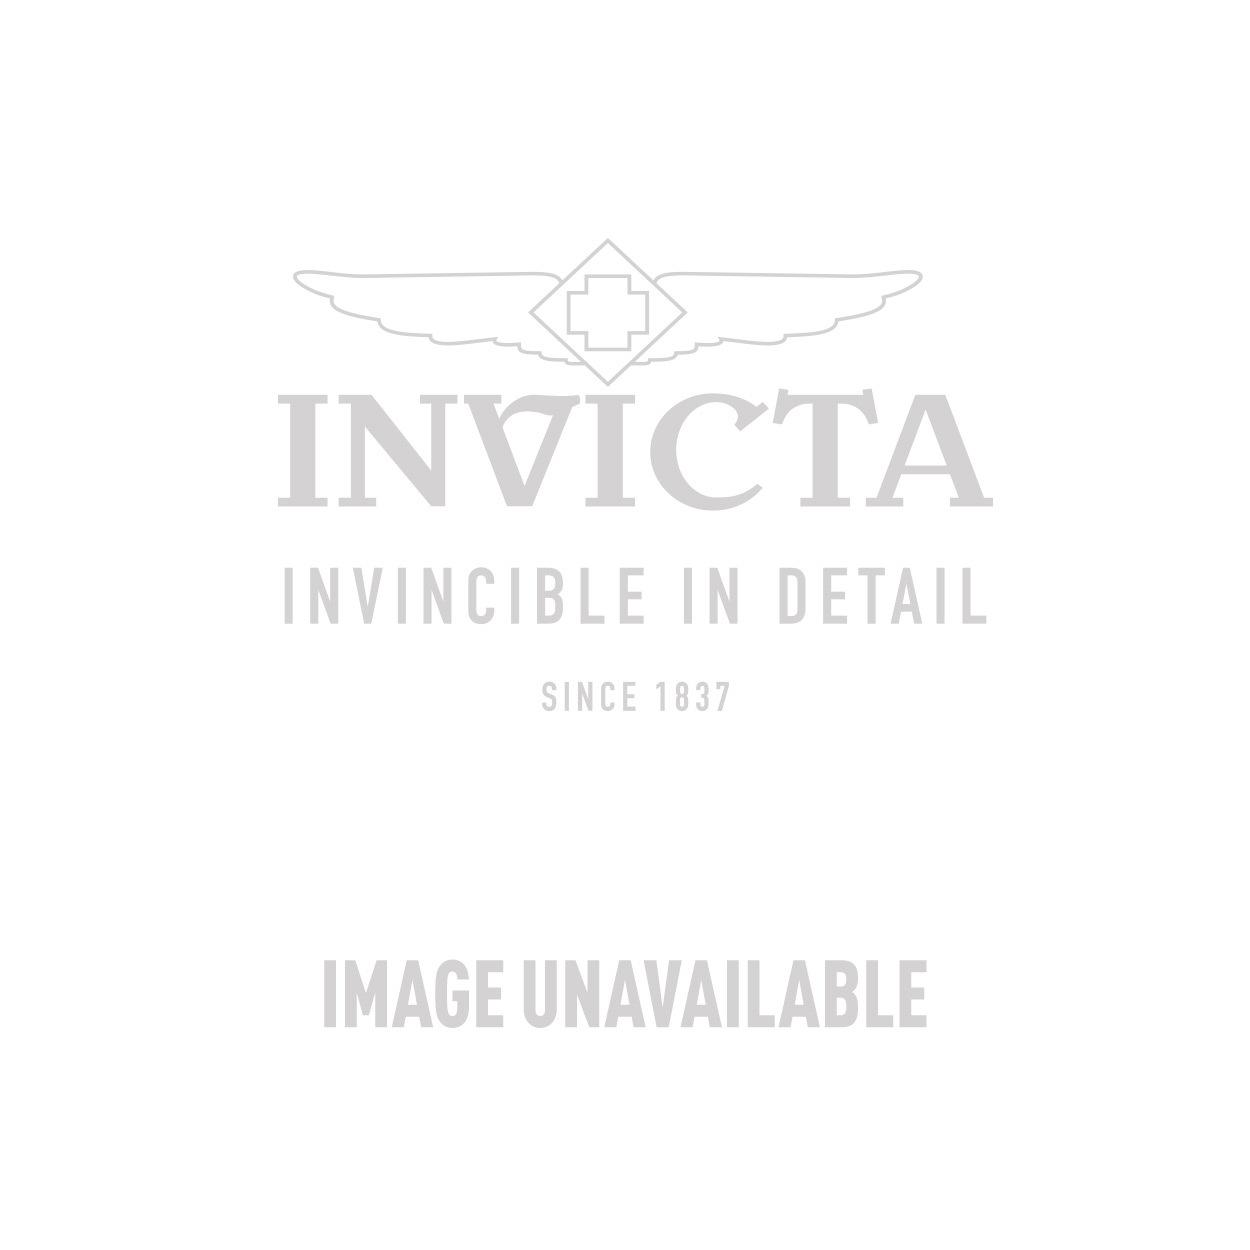 Invicta Model 28100